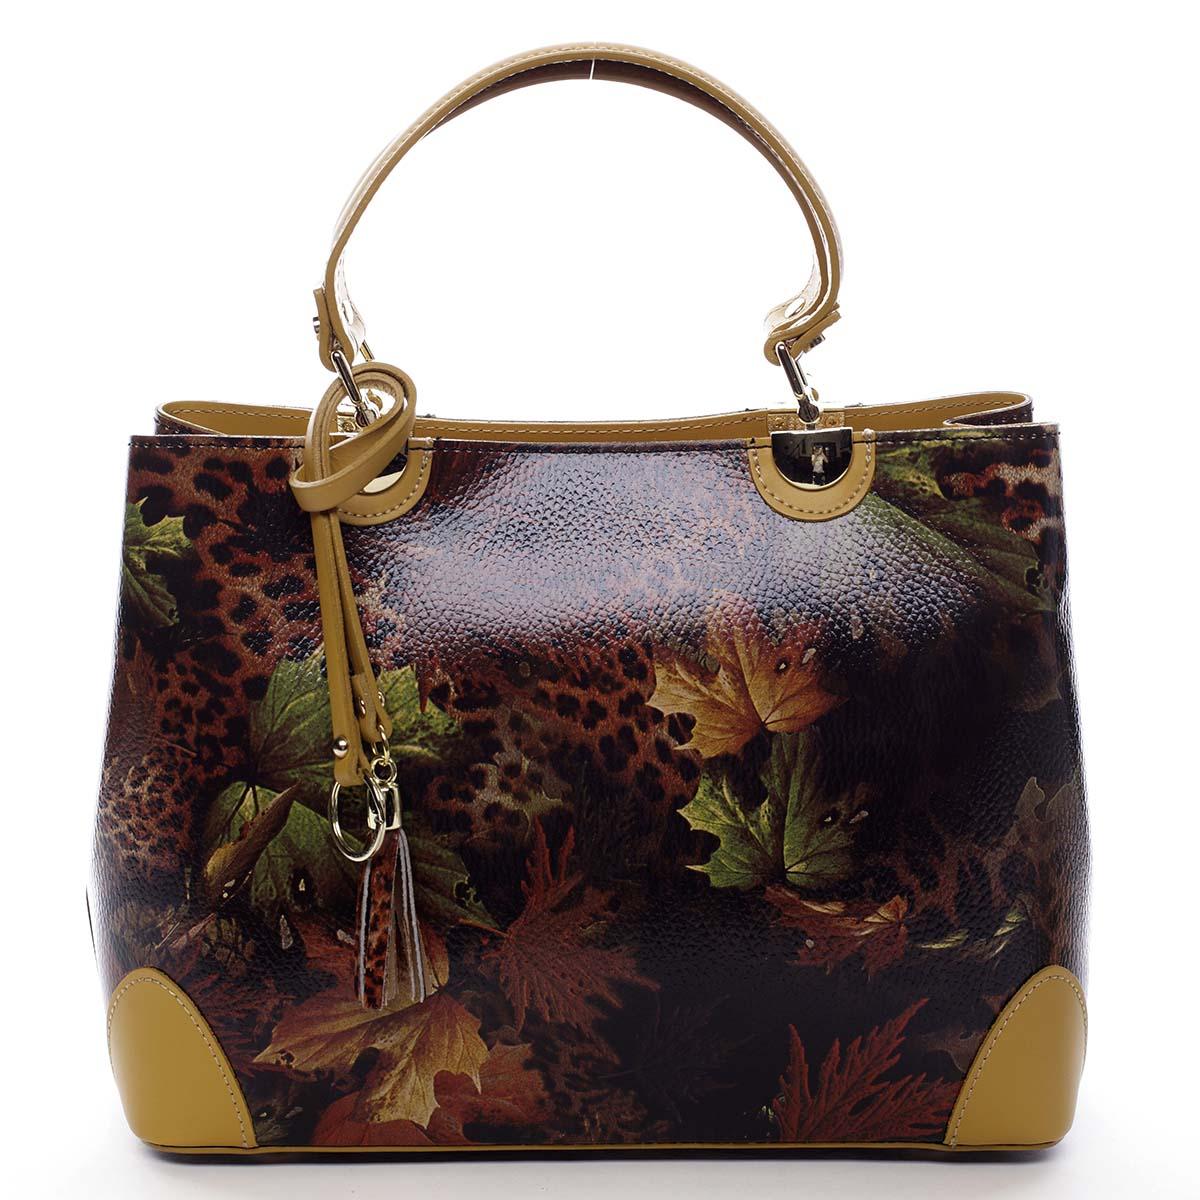 Originálna dámska kožená kabelka jesenná žltá - ItalY Mattie